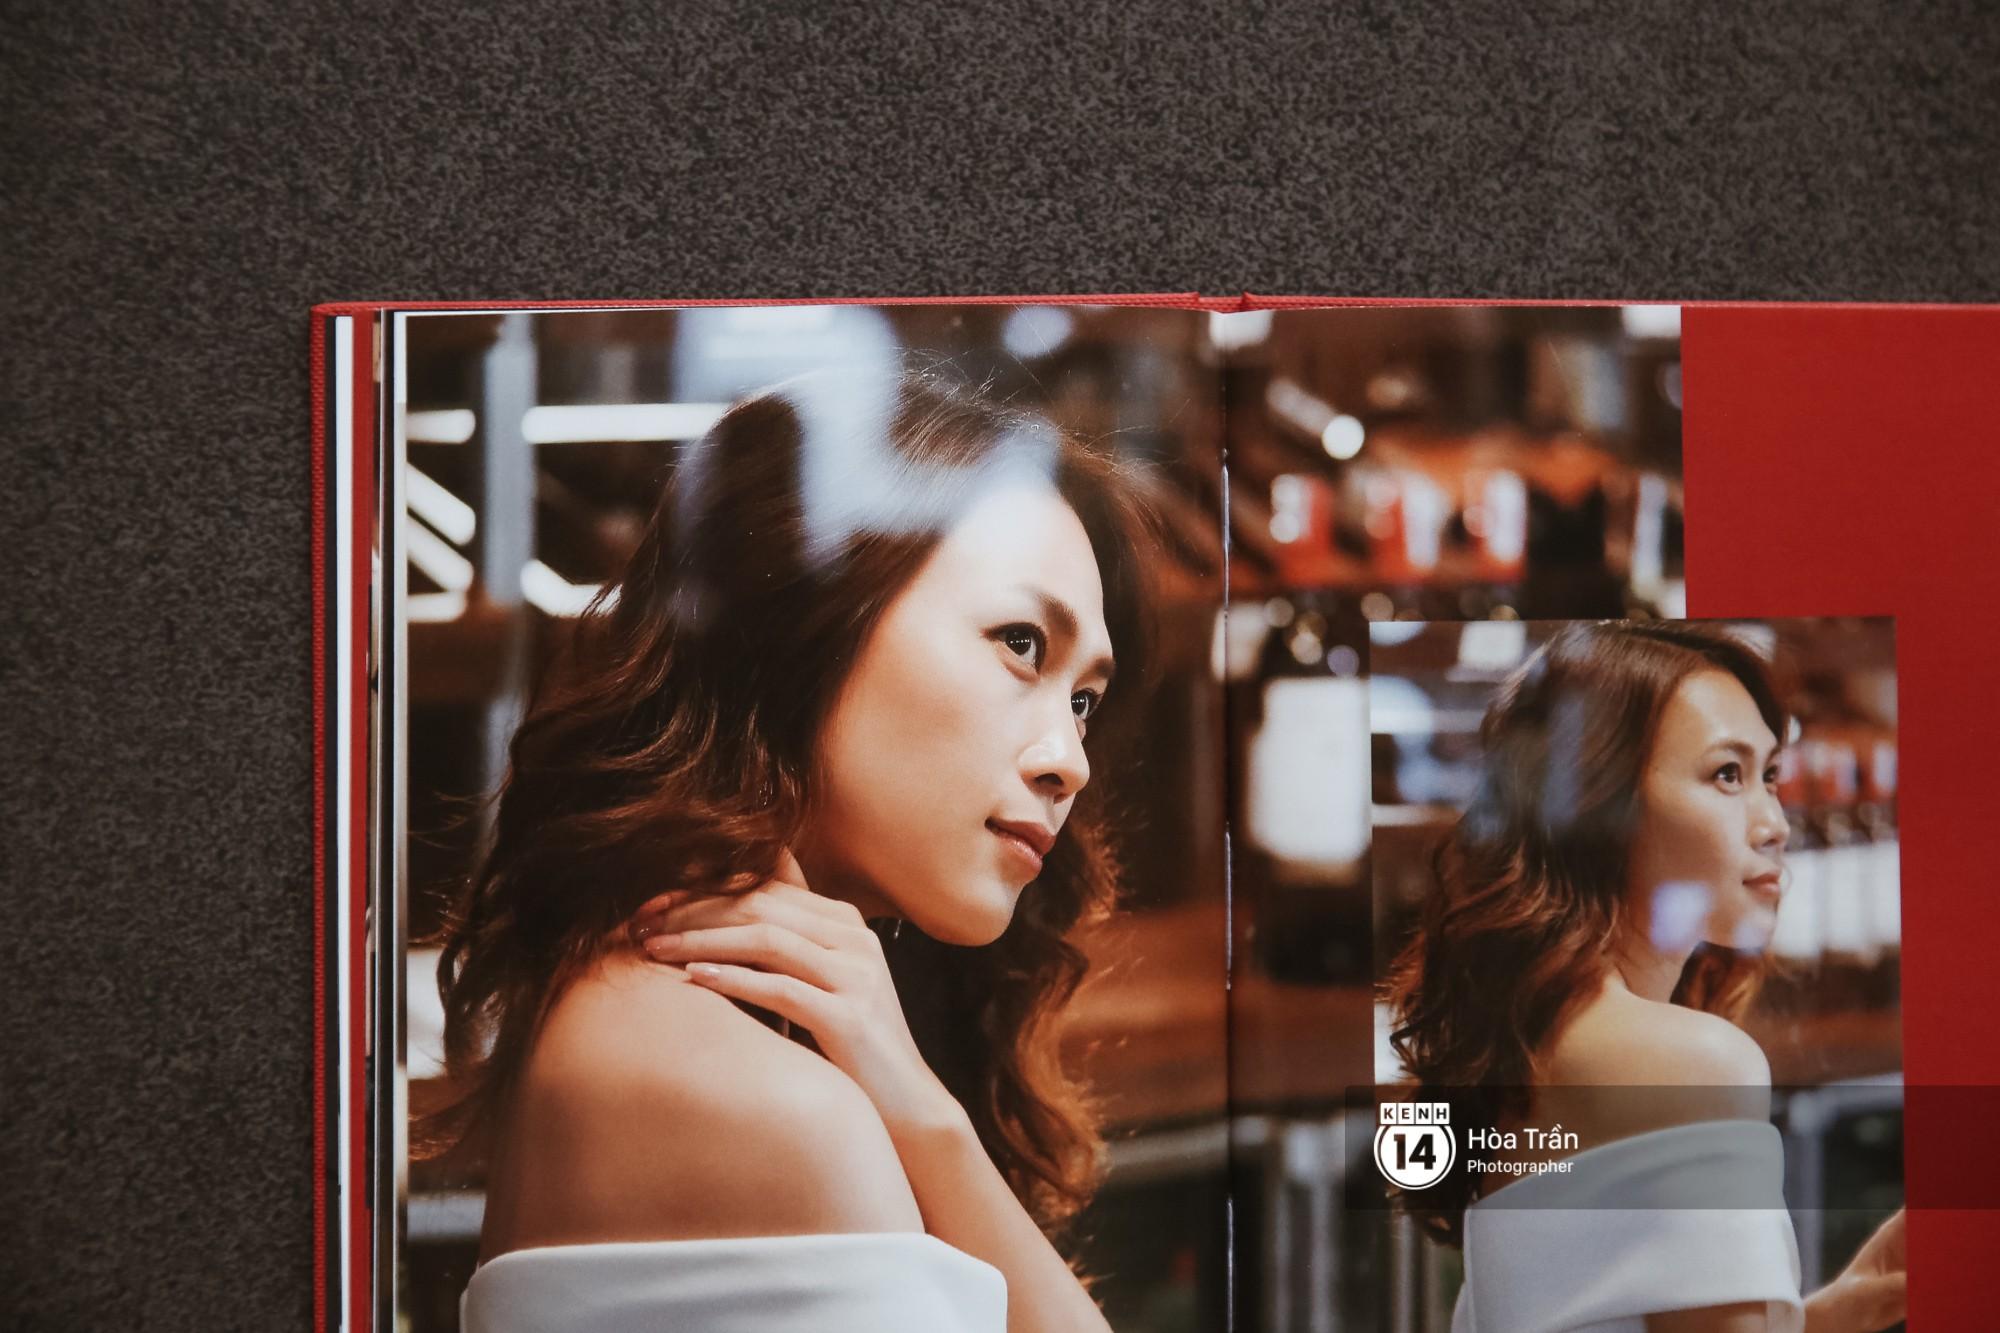 Đập hộp album nhạc phim của Mỹ Tâm: Hơn một nửa là bài cũ, tiêu thụ 4000 bản chỉ trong 2 giờ! - Ảnh 4.